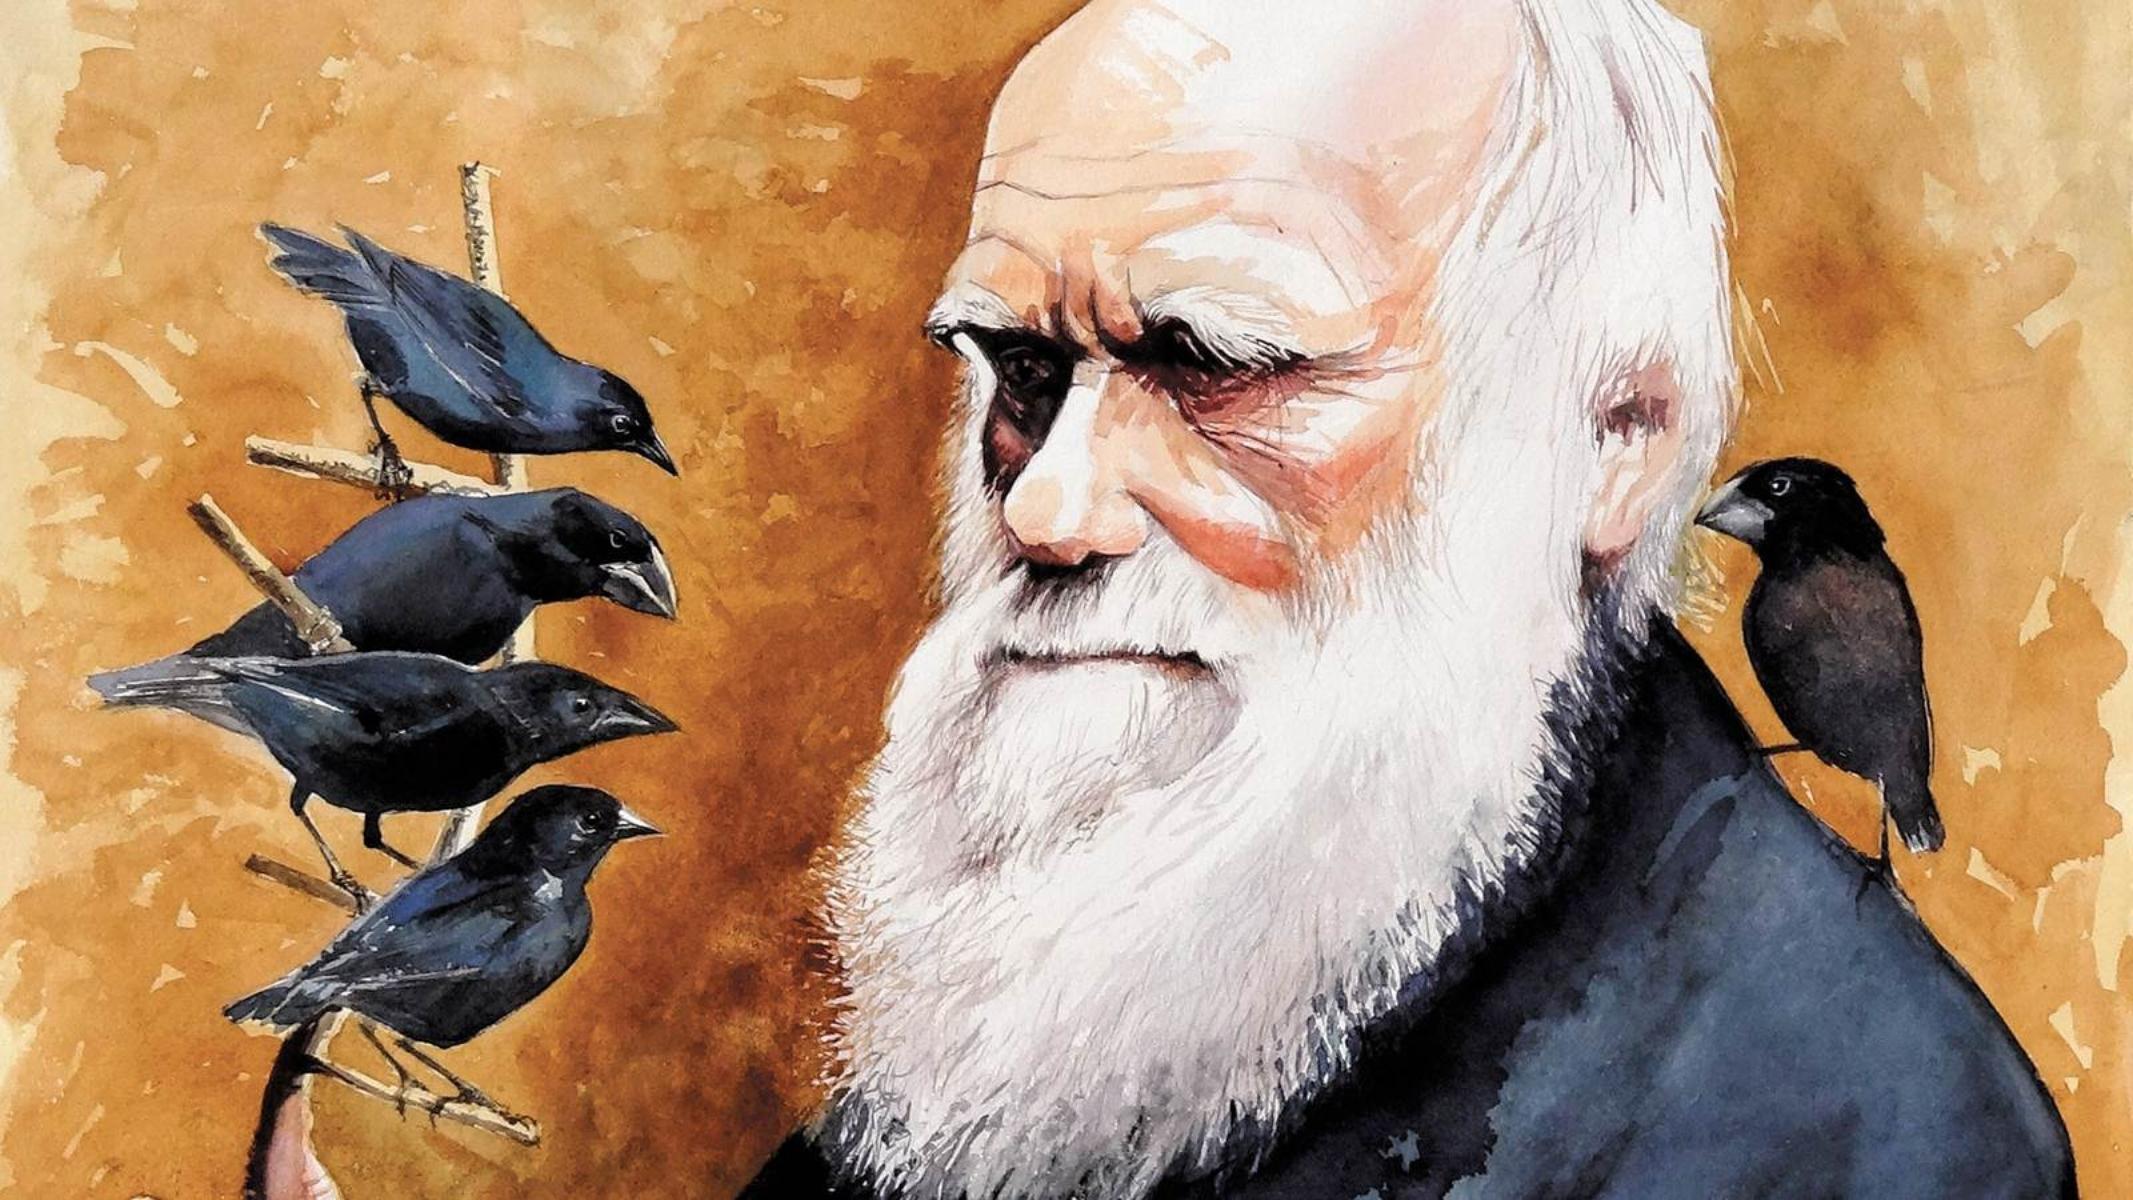 Συναισθήτα και ψυχολογία: Τι μας δίδαξε ο Κάρολος Δαρβίνος